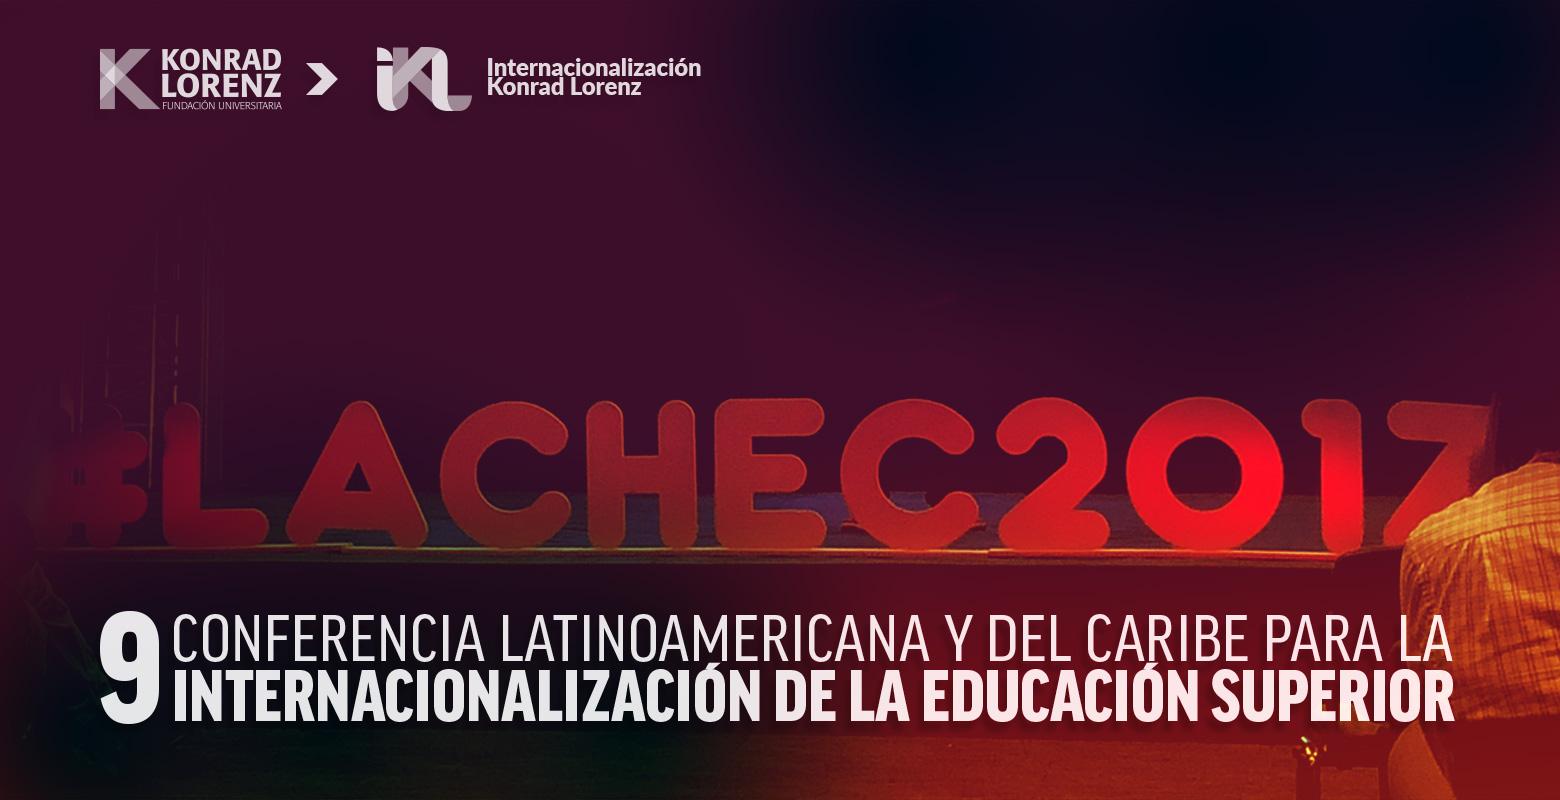 9 Conferencia Latinoamericana y del Caribe para la Internacionalización de la Educación Superior